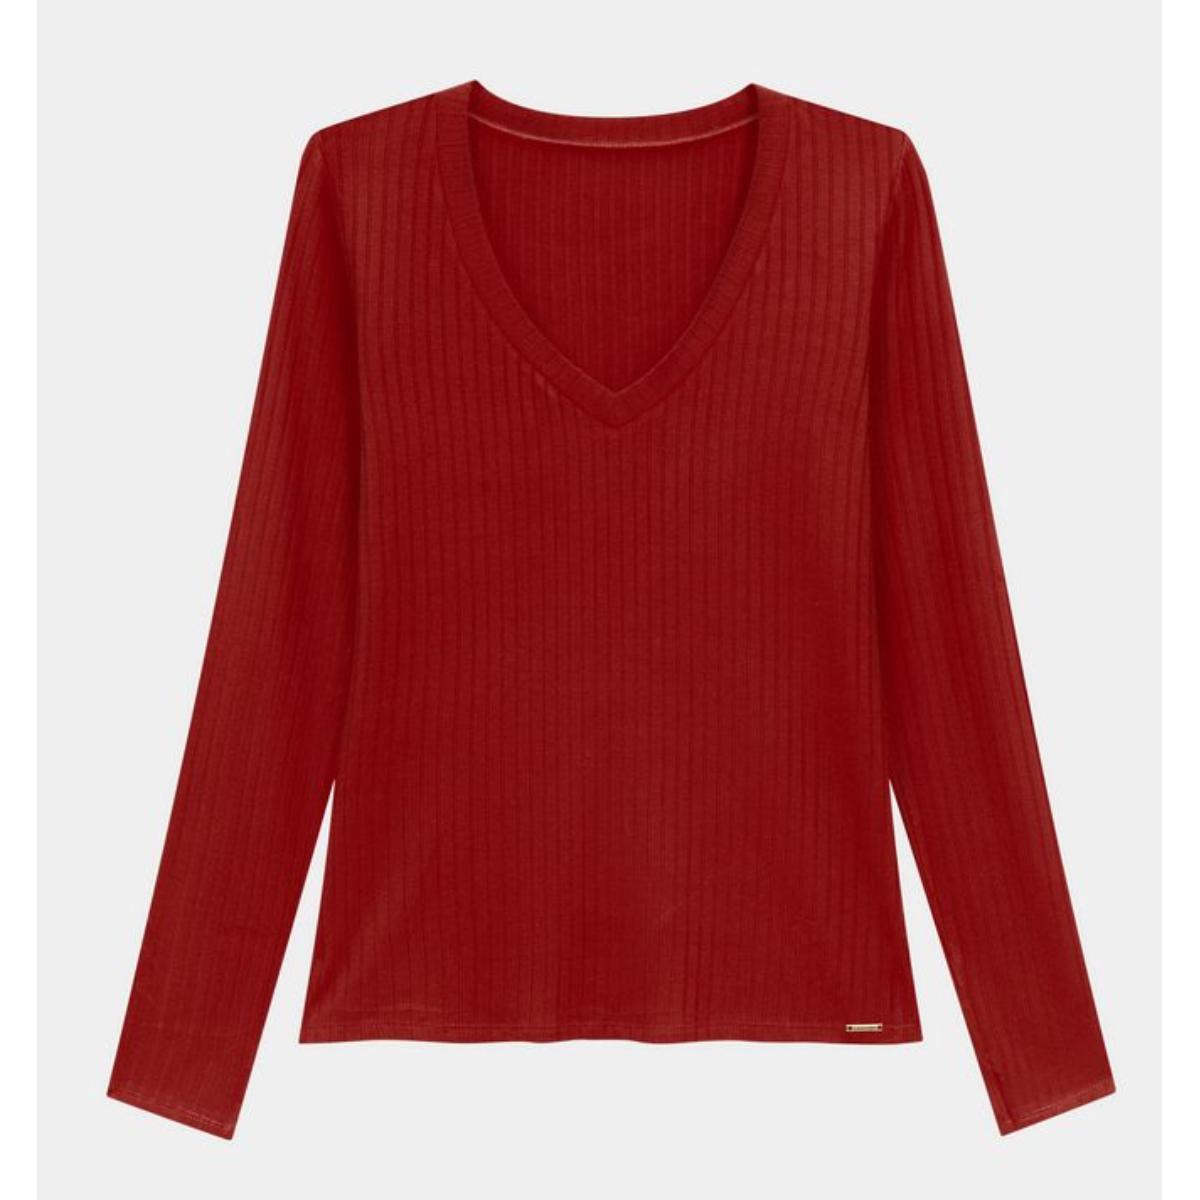 Blusa Feminina Lunender 00344 Vermelho